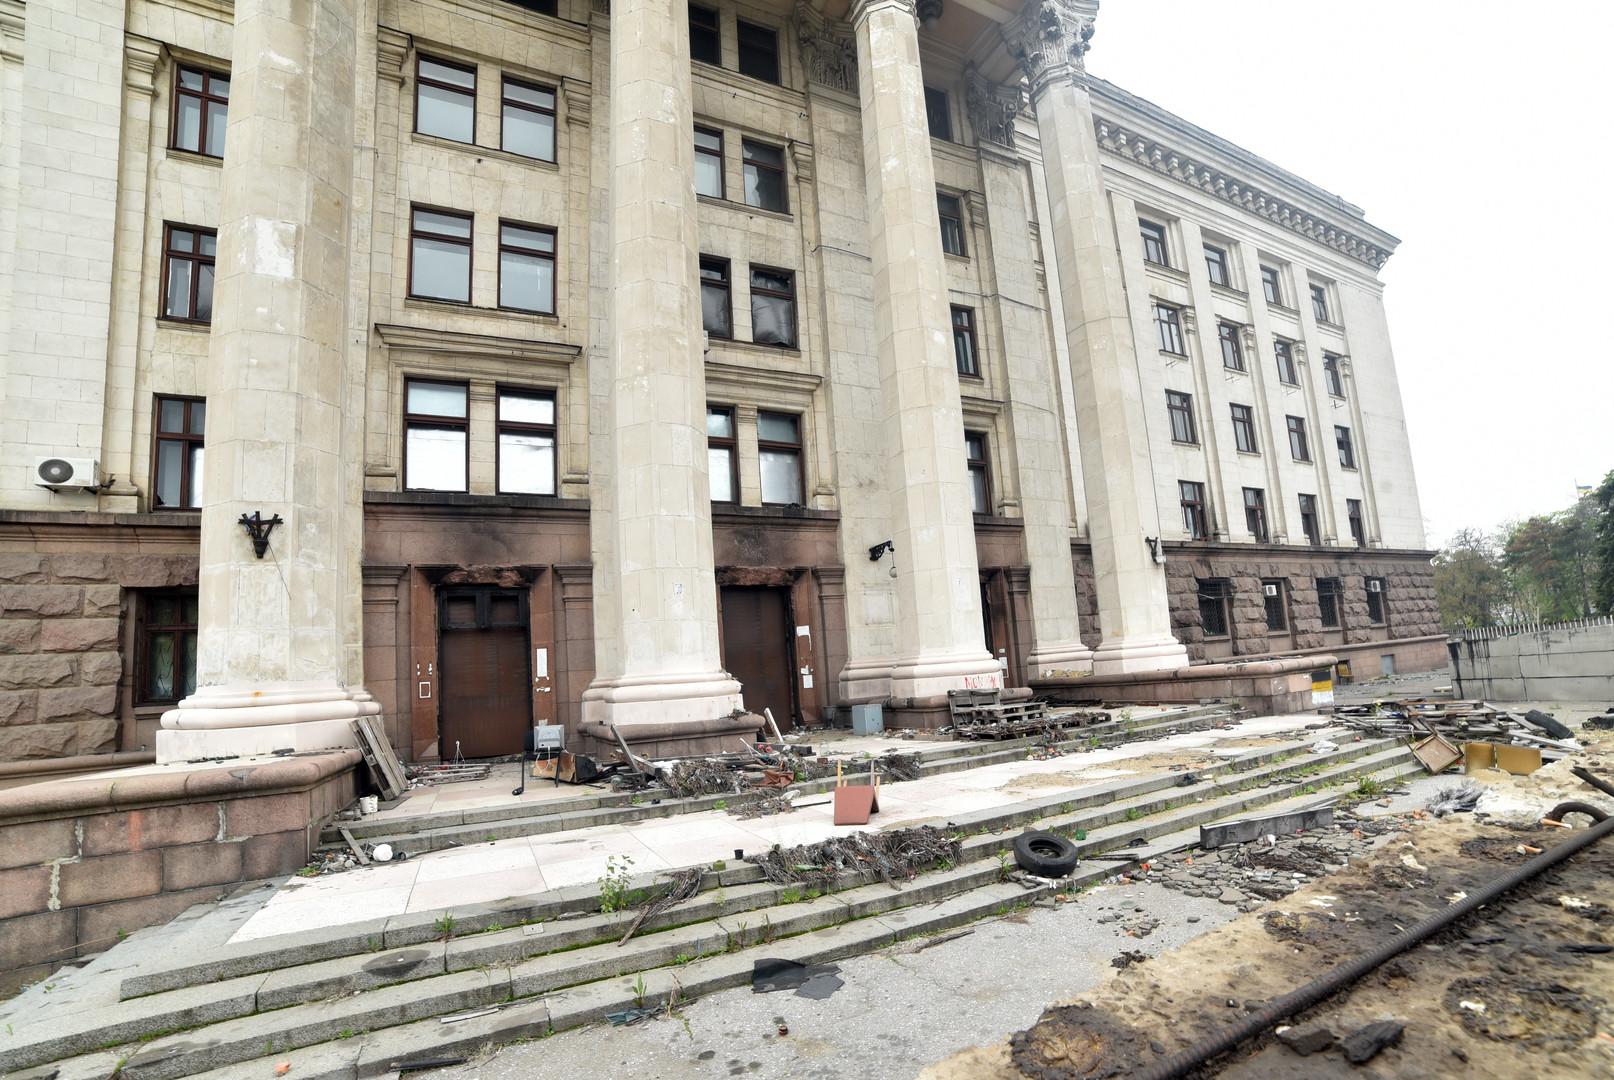 ООН требует тщательно расследовать события на Майдане и в Одессе